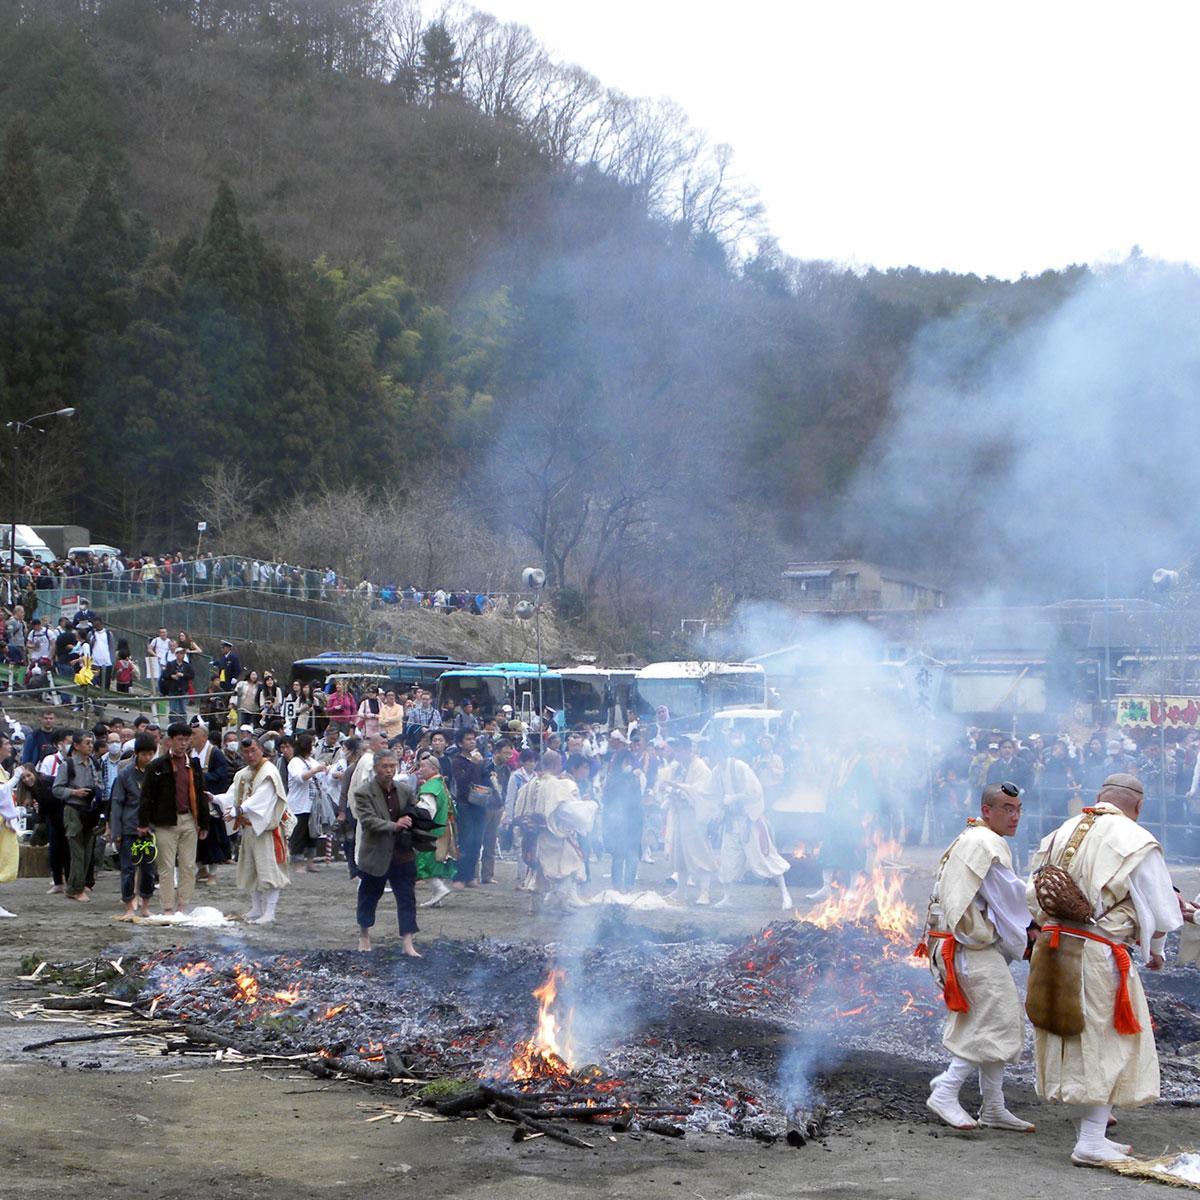 「火渡り祭り」では一般参加者も素足で火の上を歩くことができる